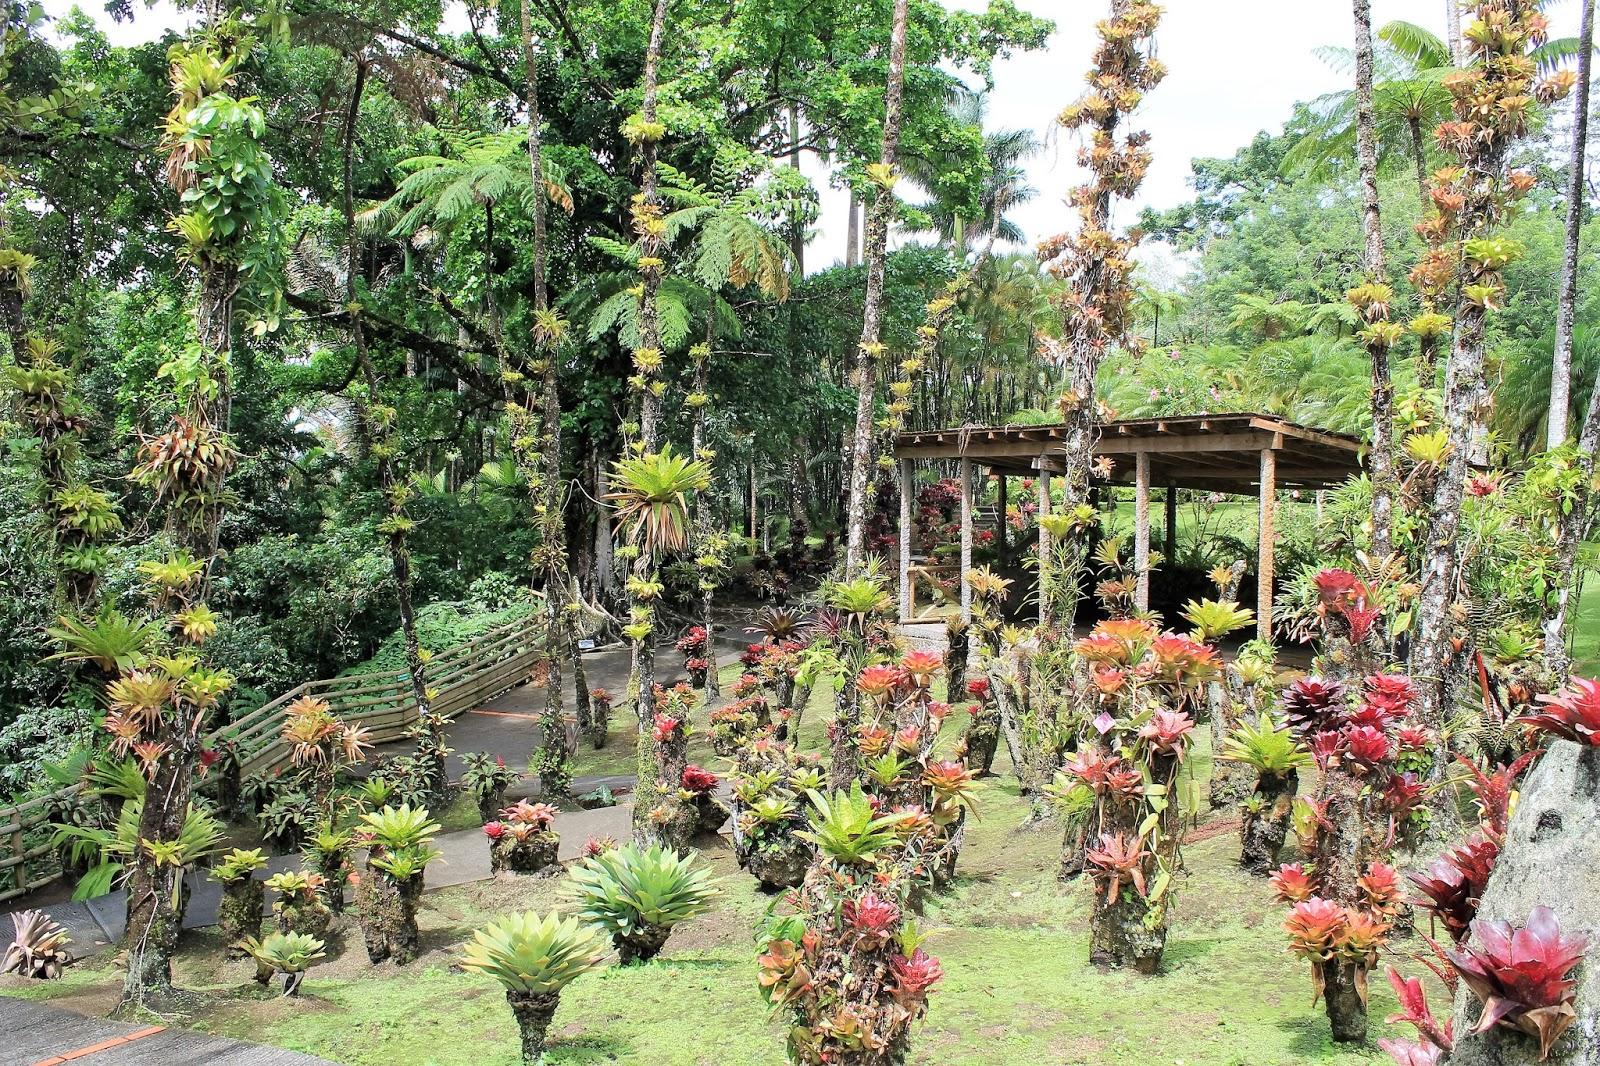 jardin balata martinique arbre ananas